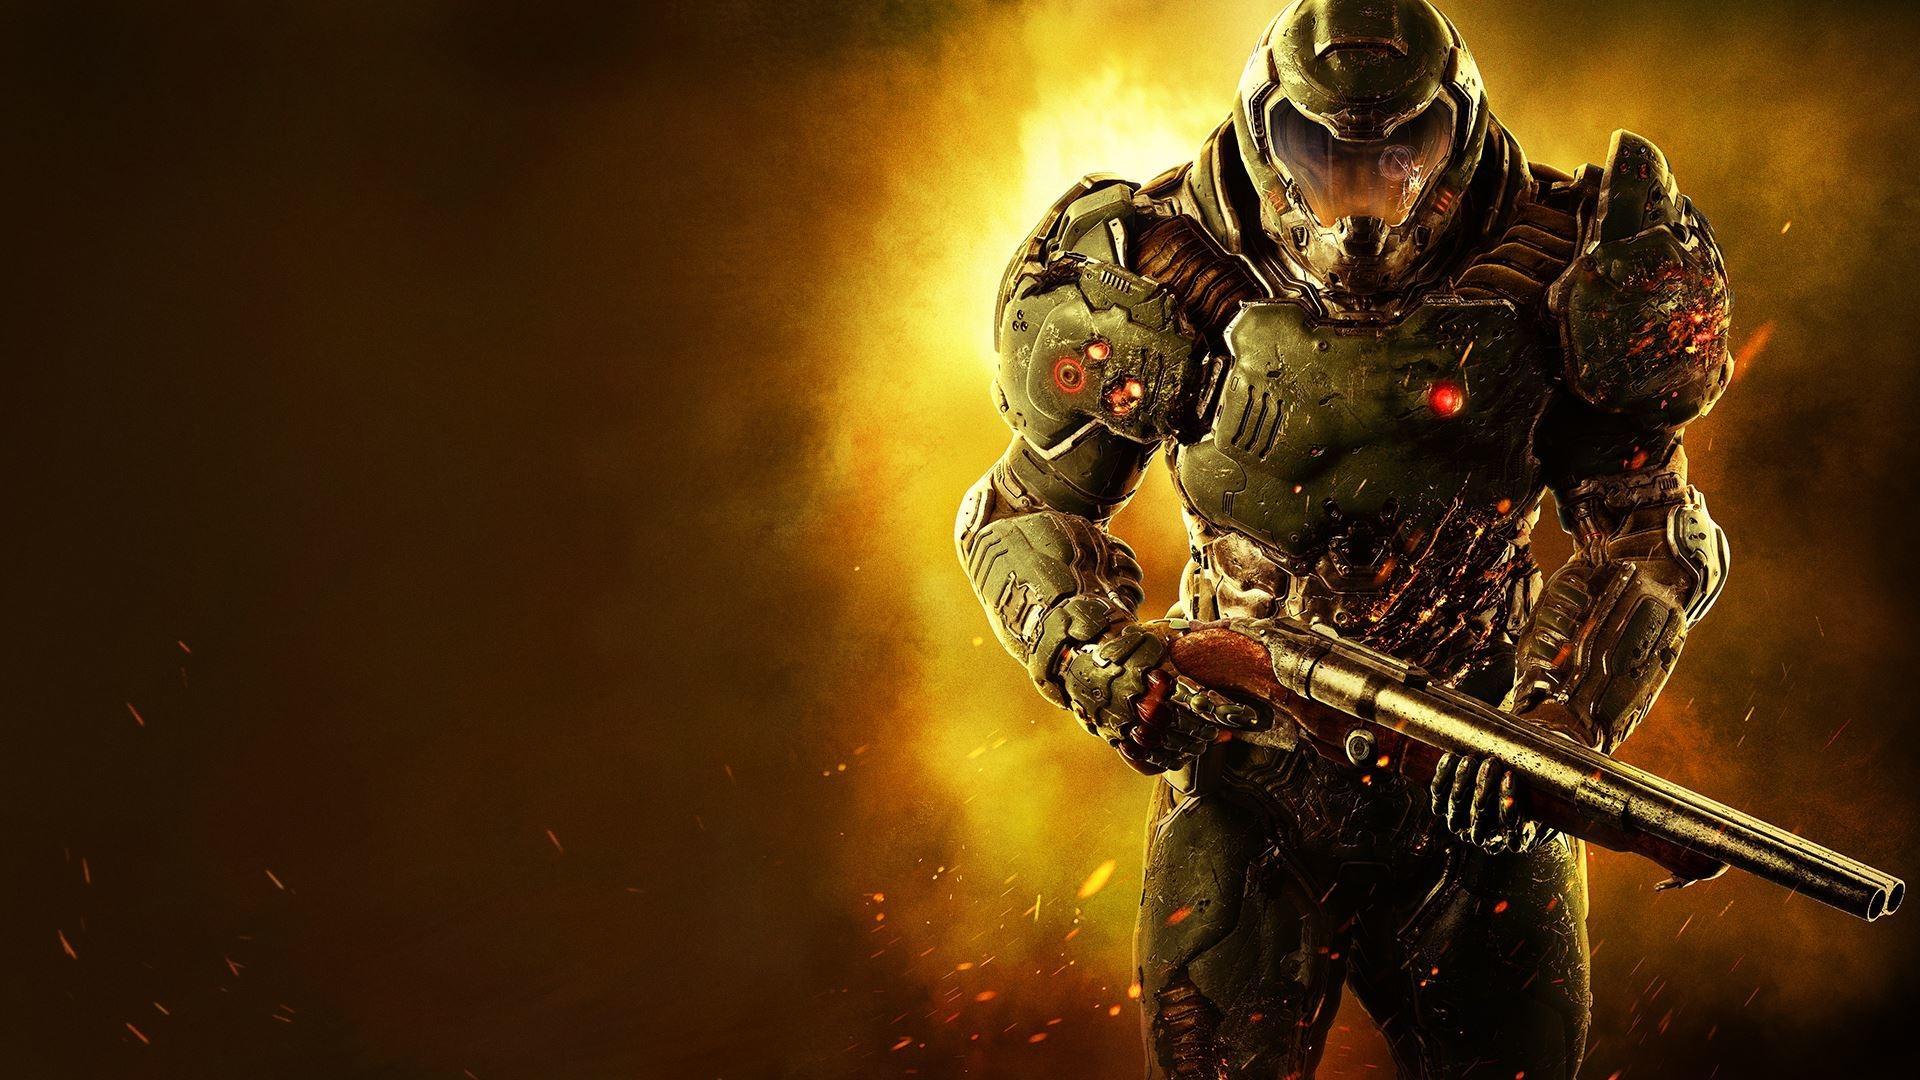 Протагонист недавней DOOM станет одним из персонажей предстоящей Quake